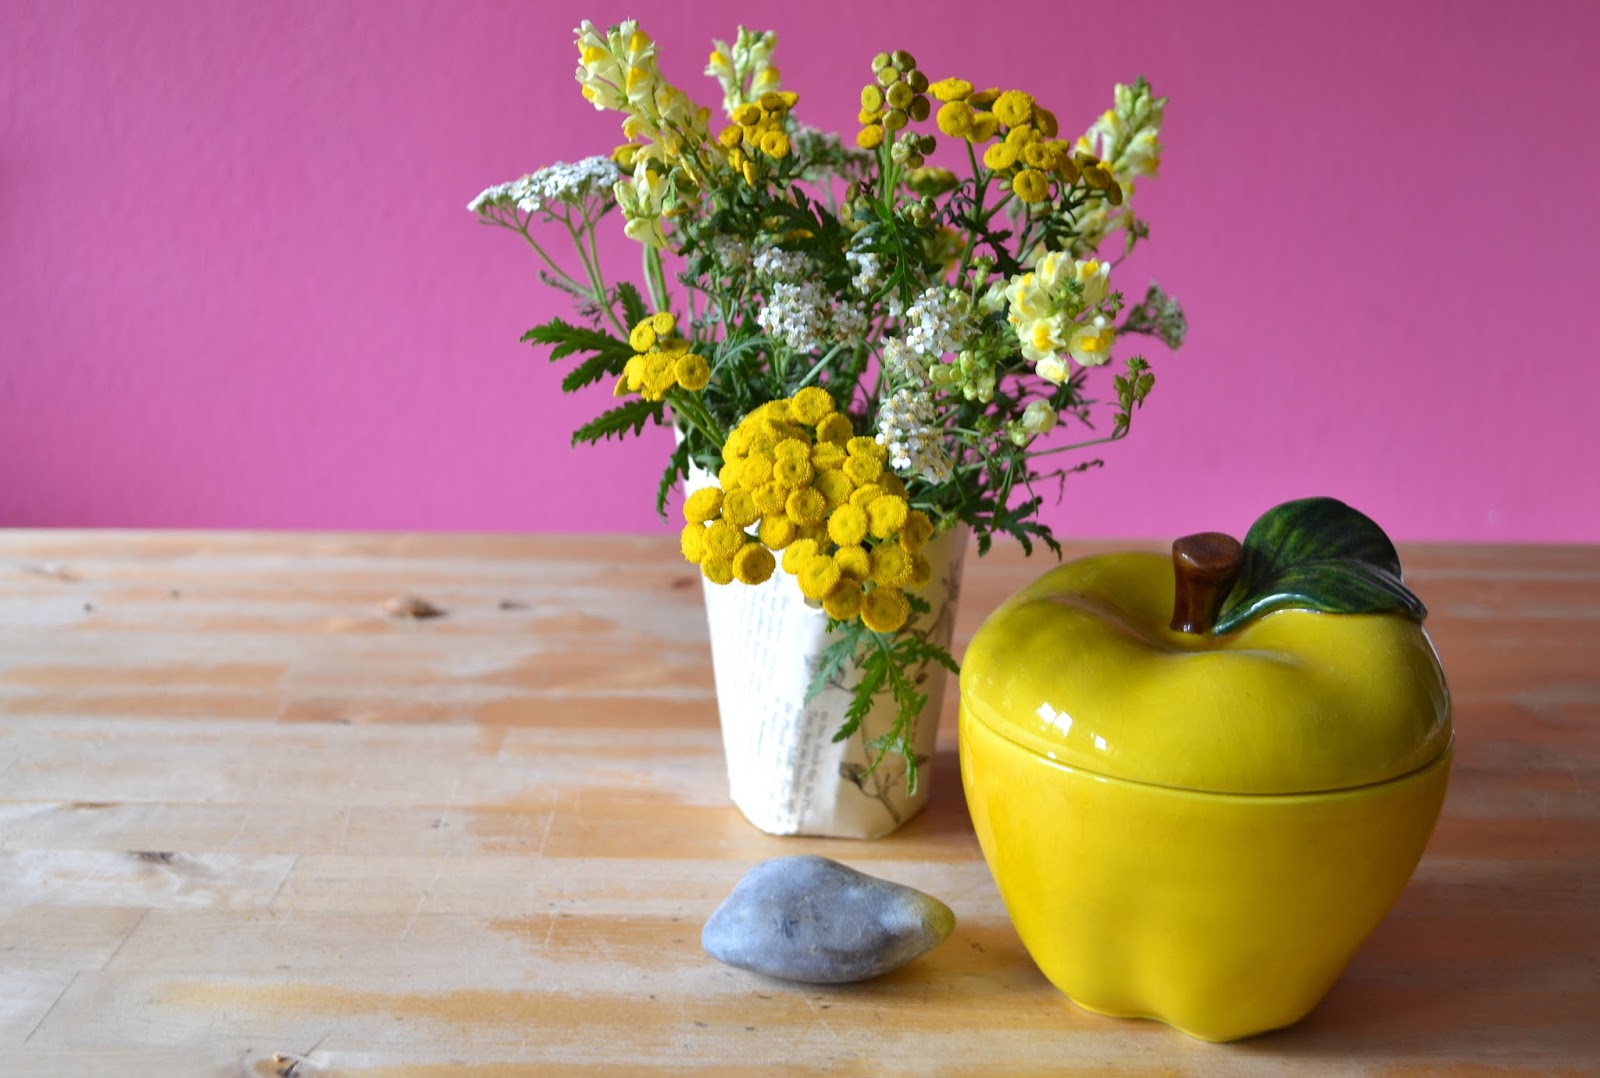 gemachtes und gedachtes wiesenstrau mit zugabe friday flowerday. Black Bedroom Furniture Sets. Home Design Ideas